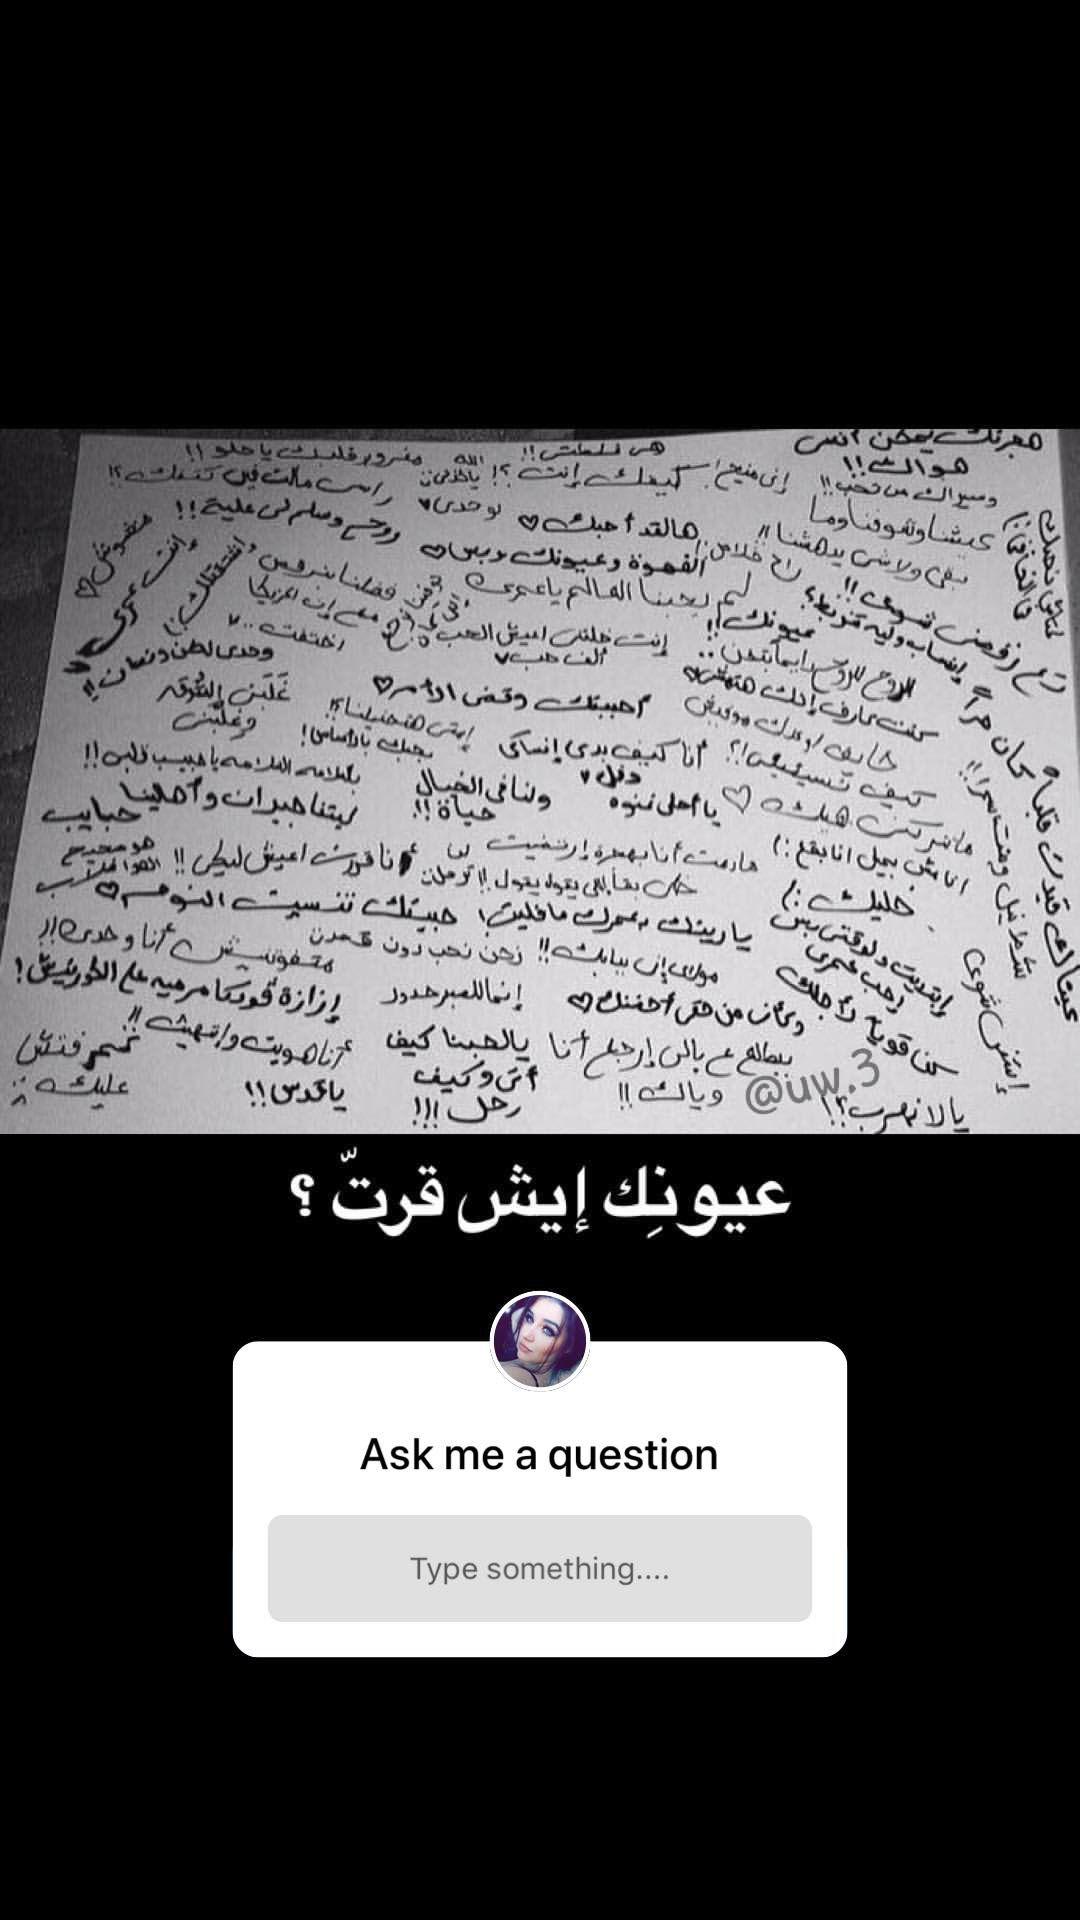 فعاليات ستوري Instagram Quotes Instagram Questions Instagram Quotes Captions